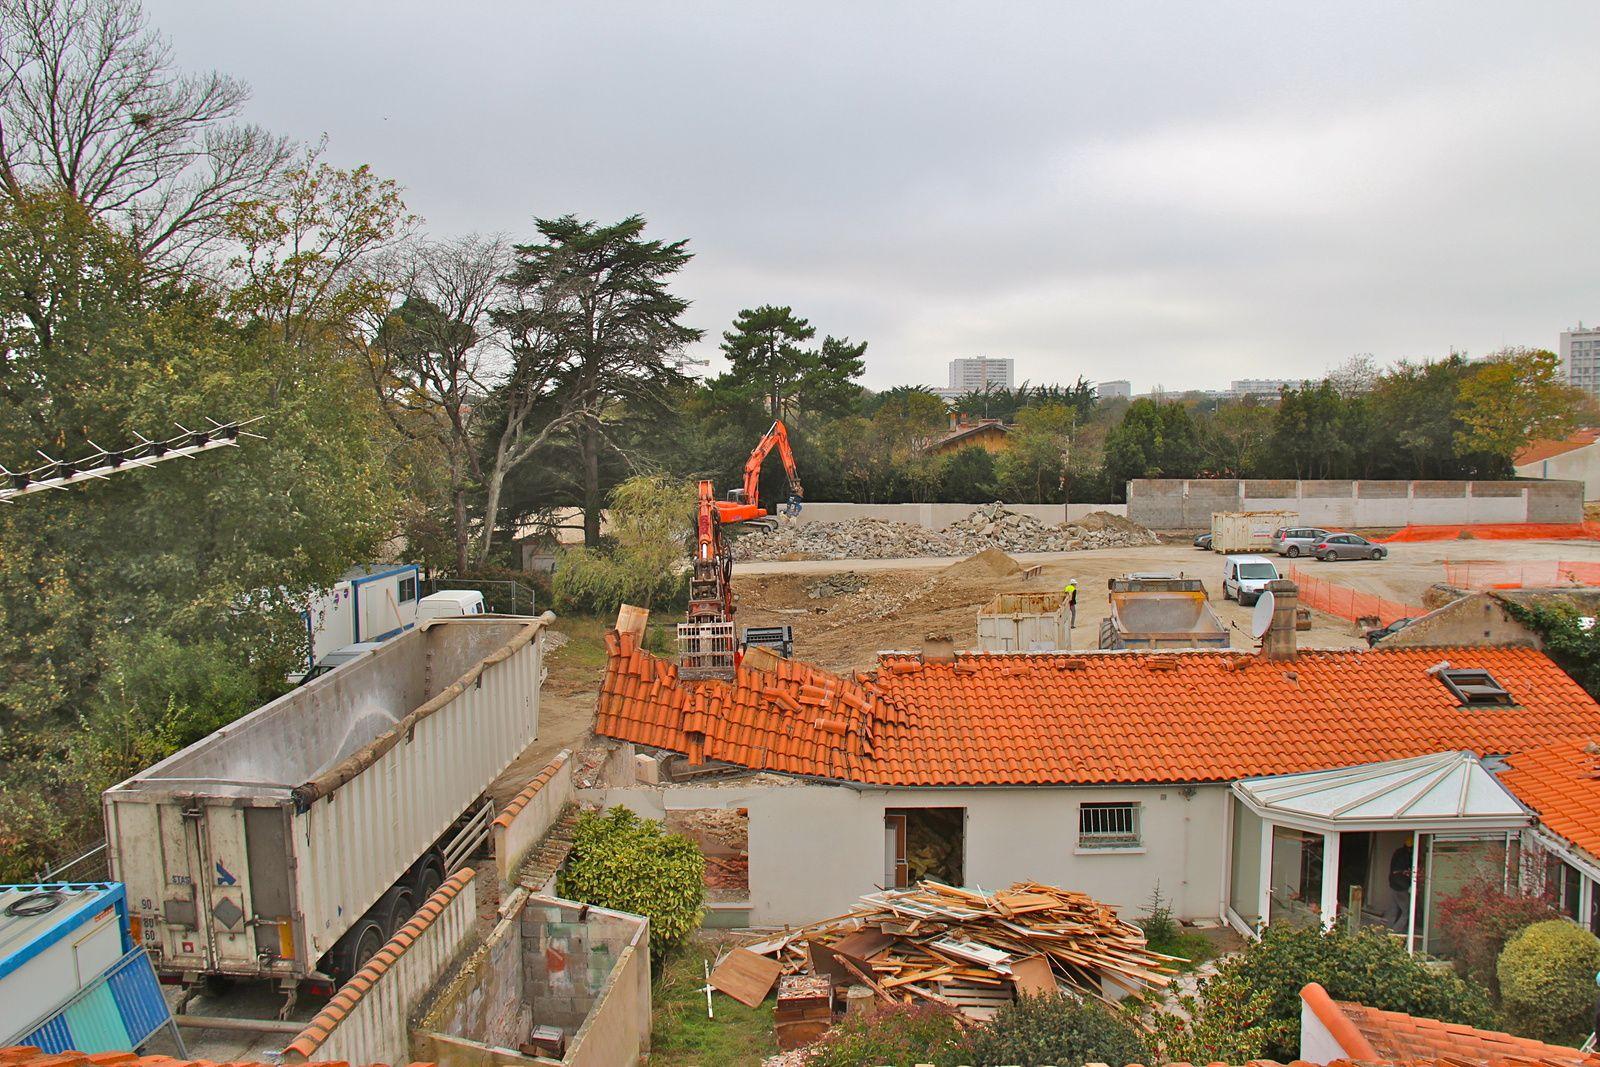 Le grand angle et le téléobjectif ont capturé quelques images qui illustrent l'ampleur du chantier Pichet. A suivre...